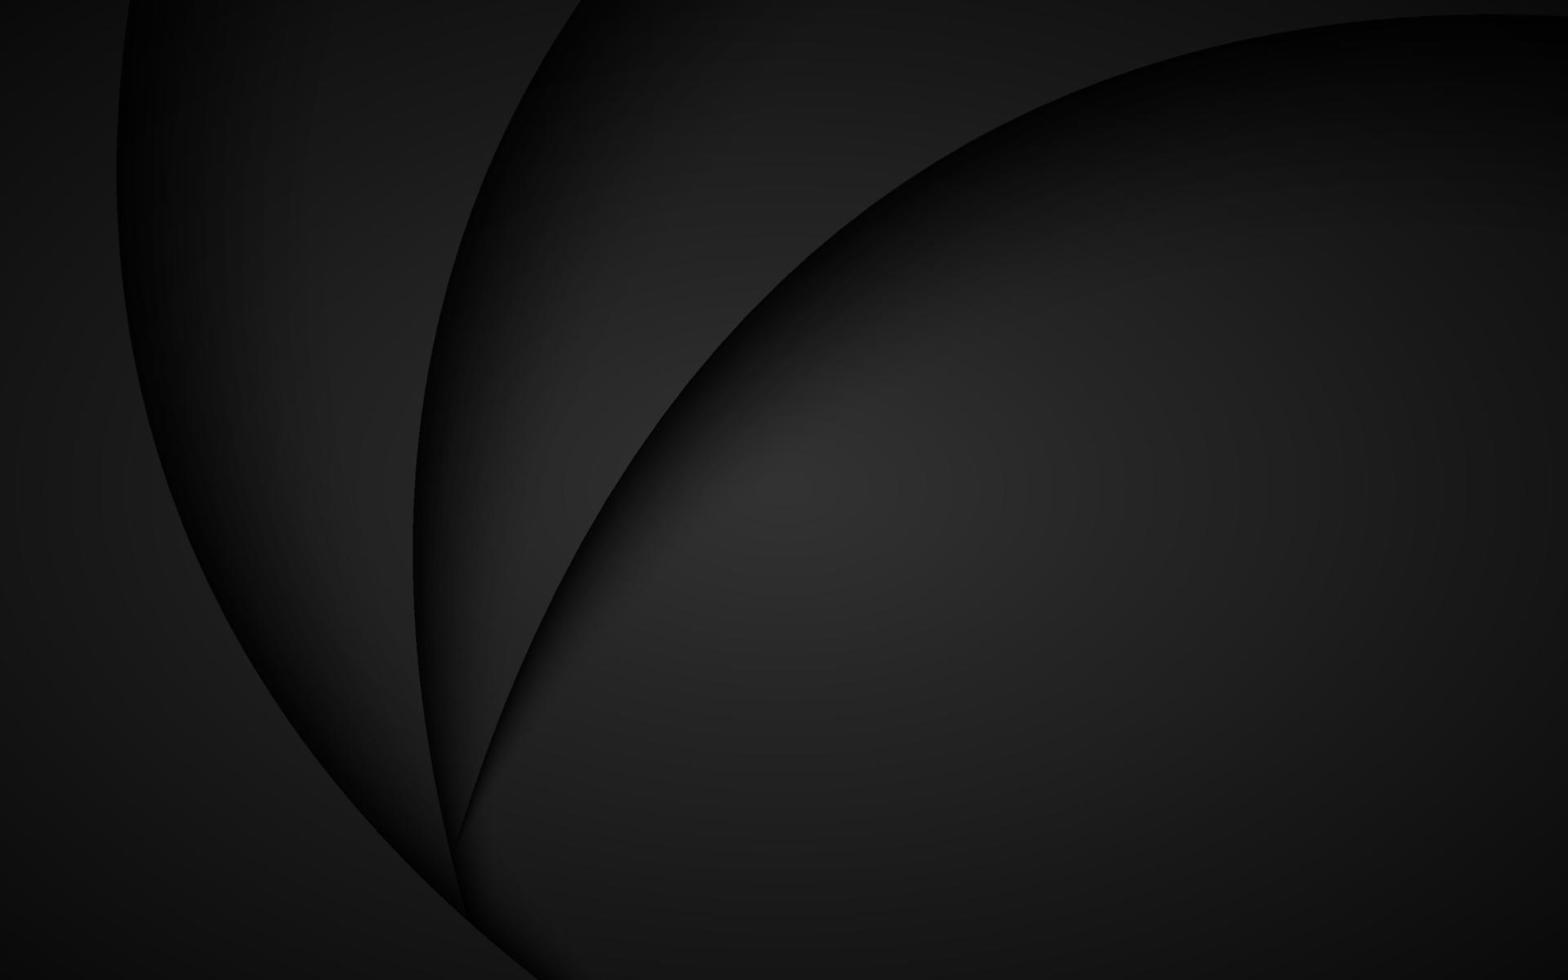 eenvoudige abstracte donkergrijze golvende achtergrond met overlay vellen papier. modern zakelijk design vector